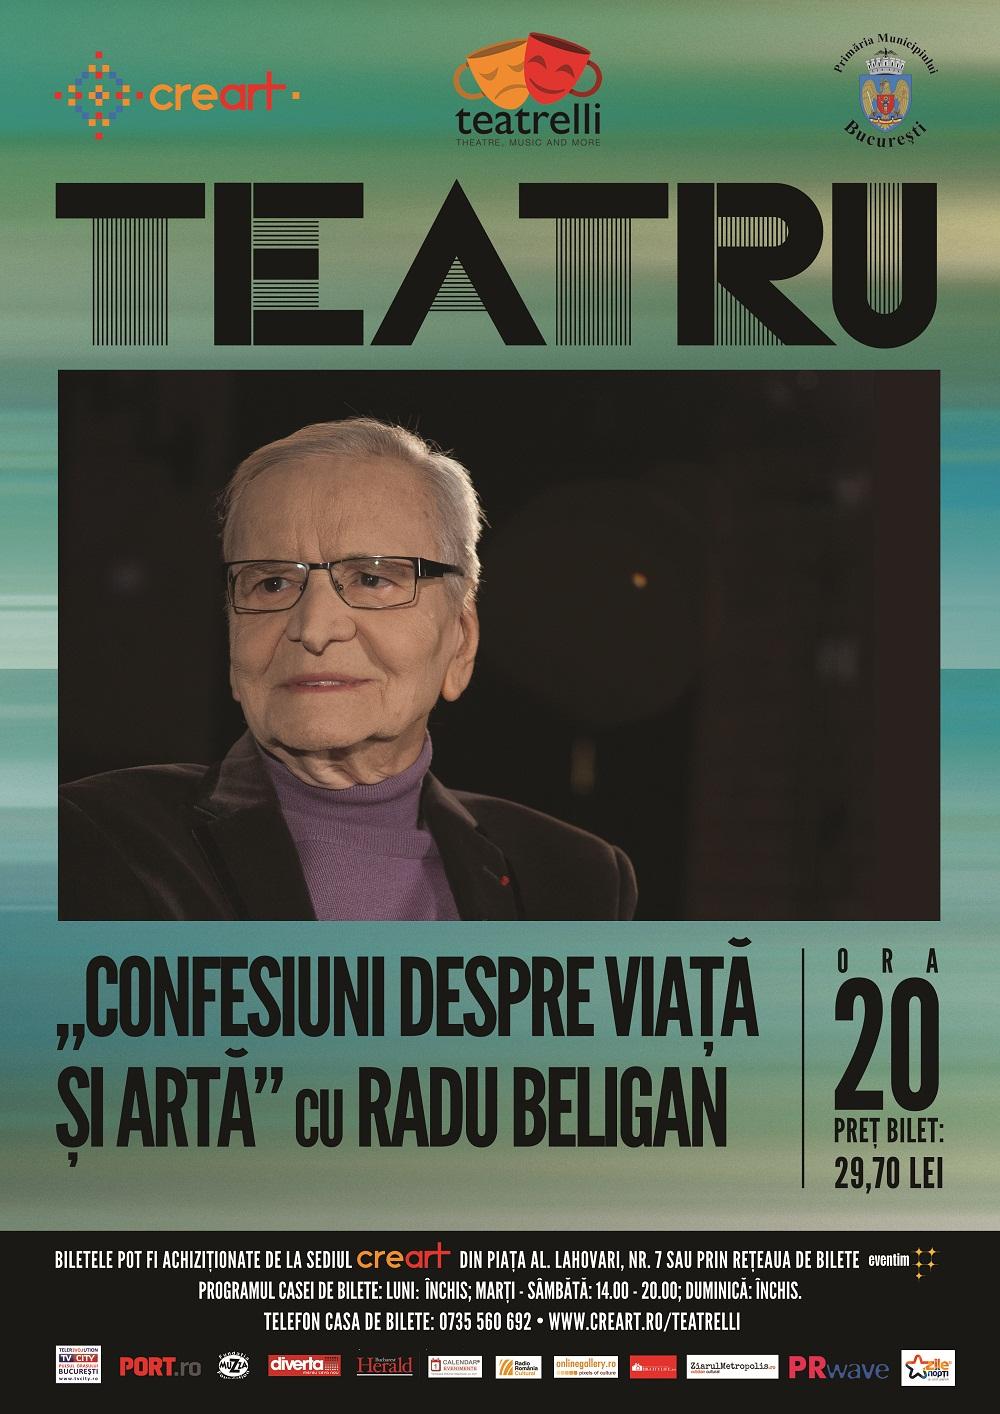 Vive la vie bohème! Maestrul Radu Beligan la Teatrelli @ Creart București